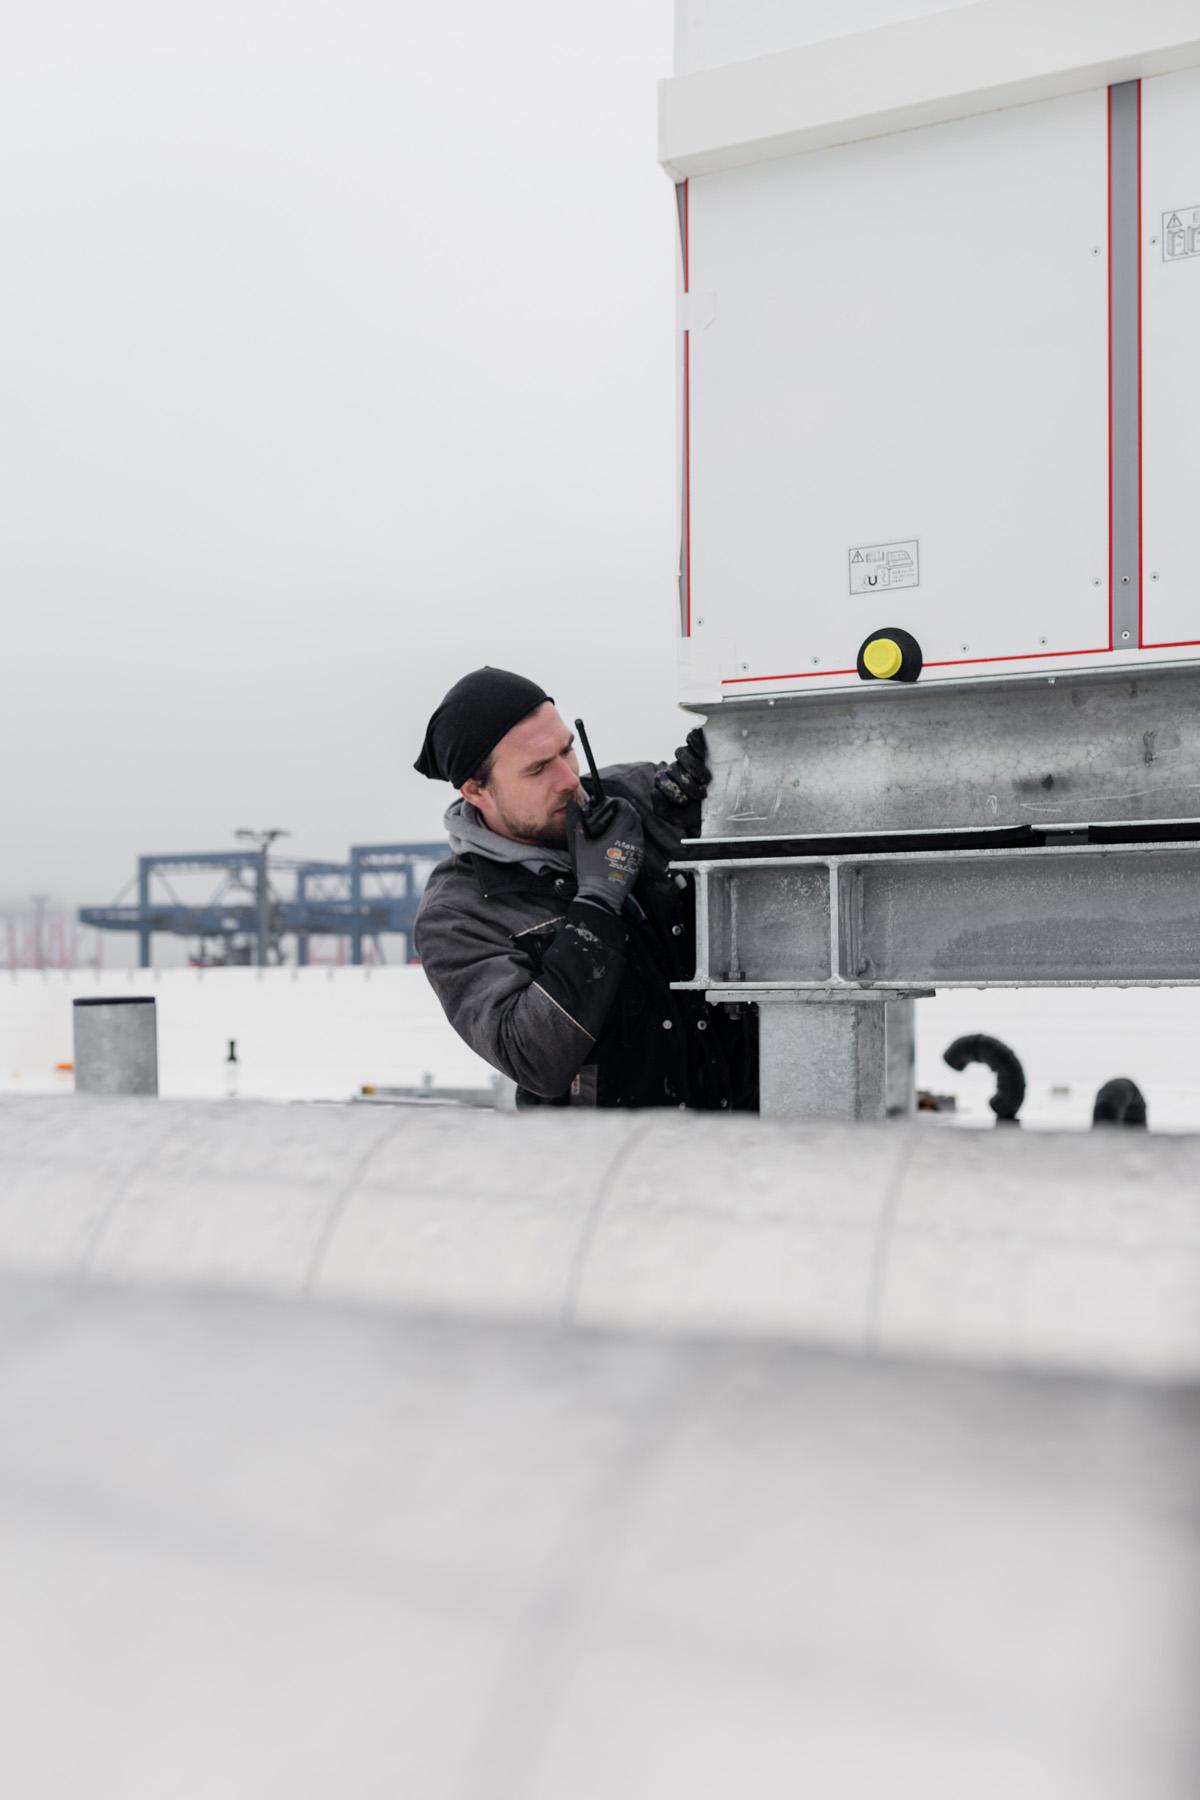 Reportage; Montage; Wolf Klima; Klimasysteme; Lüftung; Nordfrost; Klimatechnik; Kühlung; Arbeiter